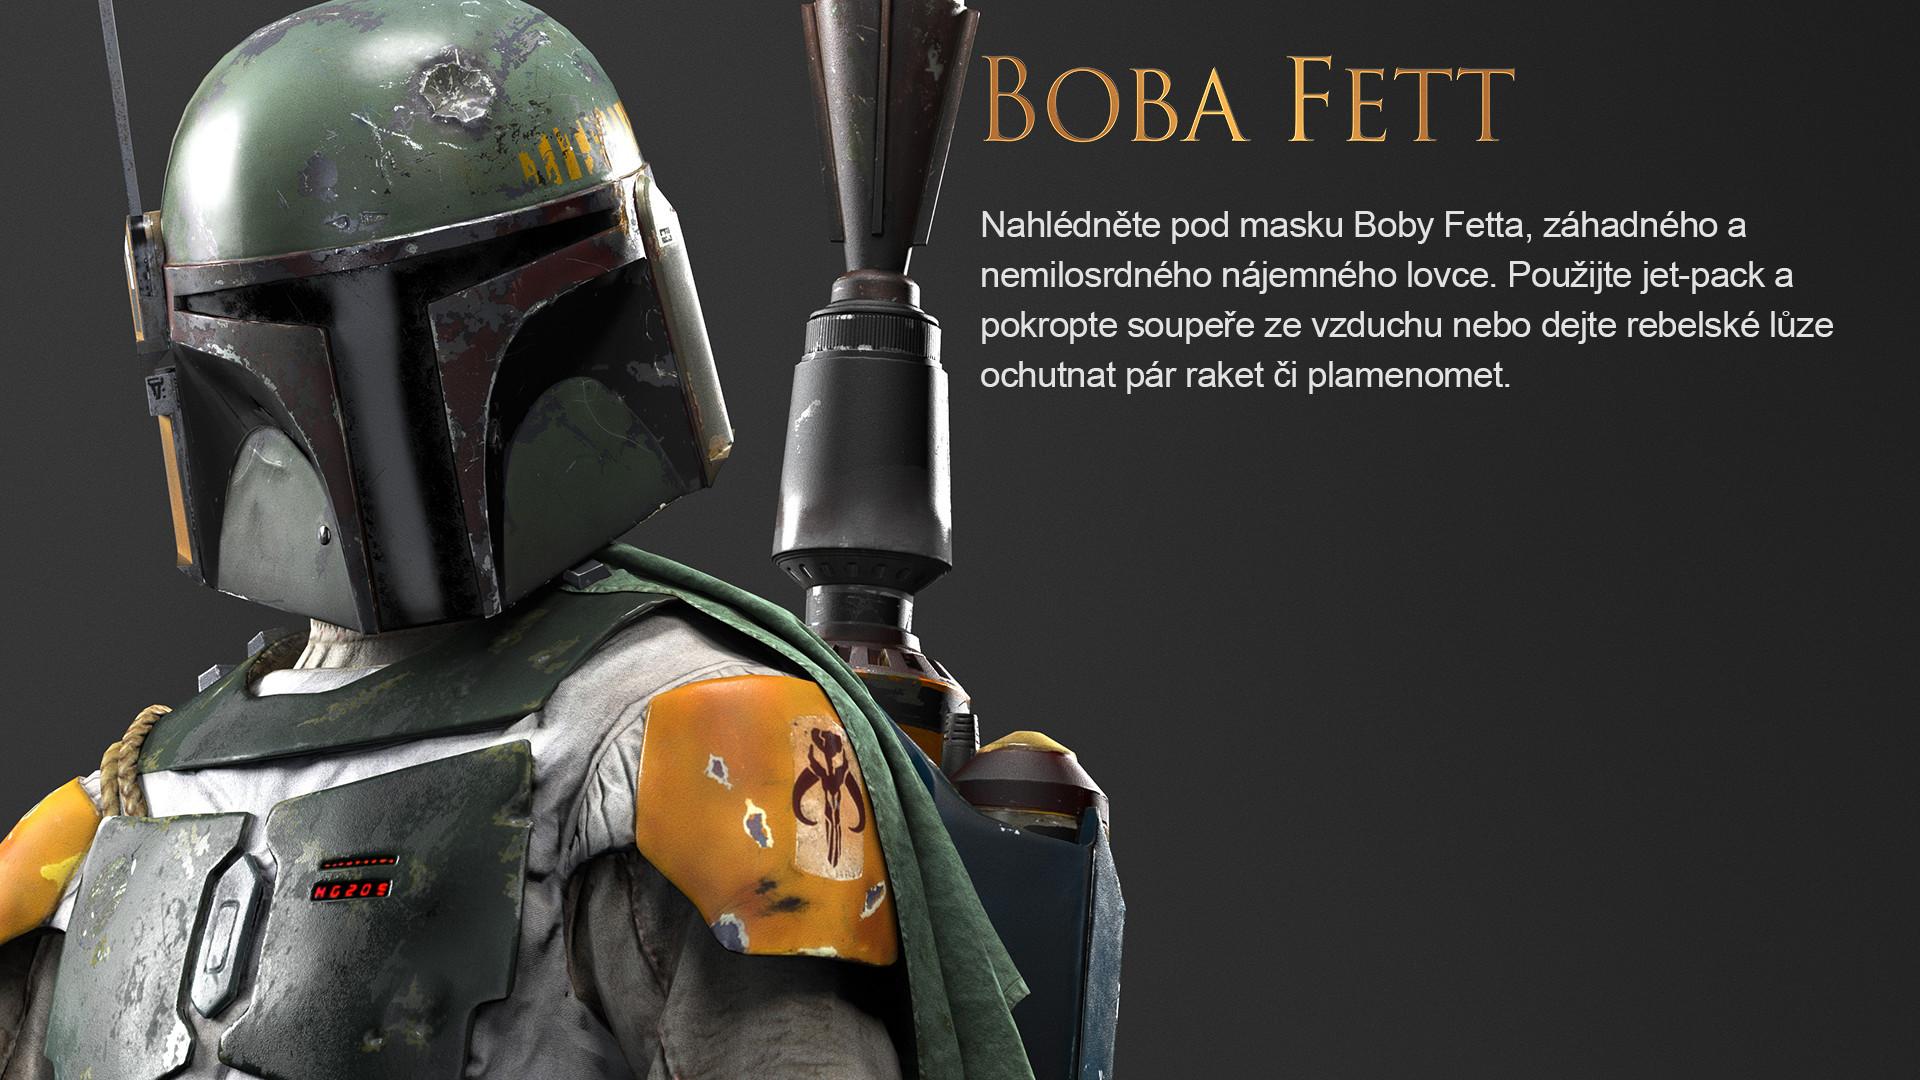 Boba fett helmet wallpaper